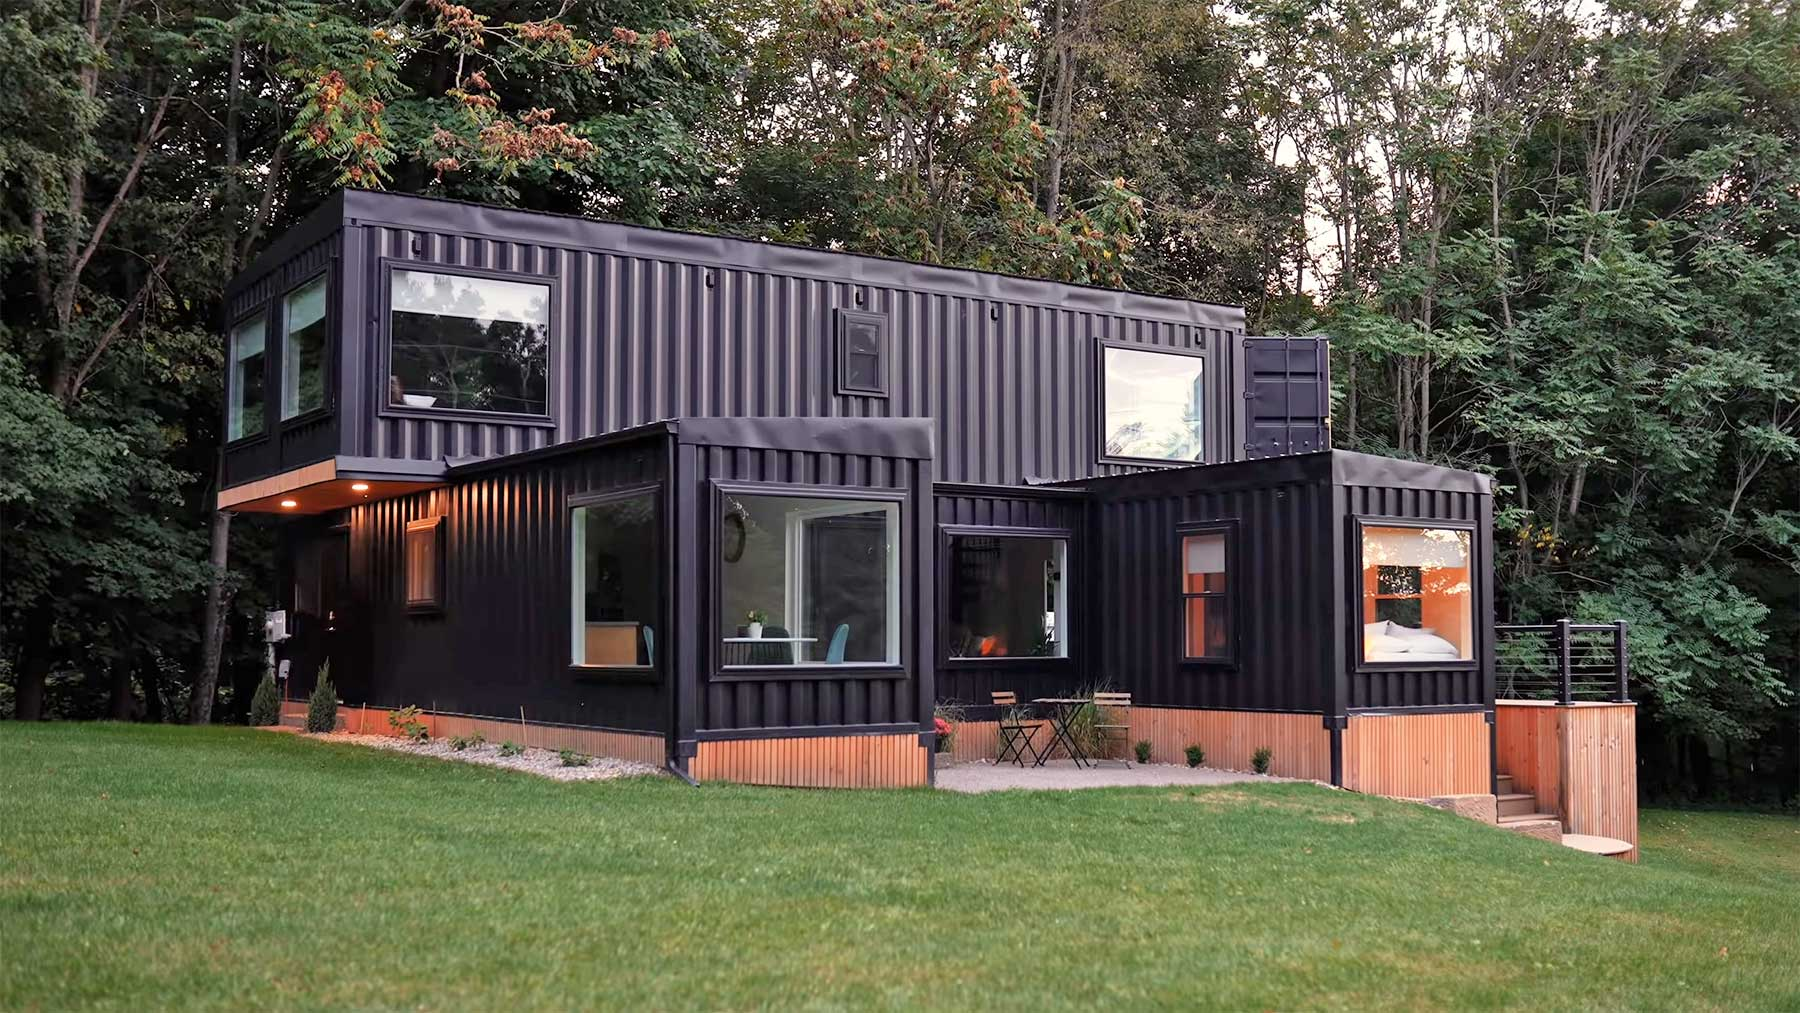 Design-Airbnb-Haus aus 6 Schiffscontainern